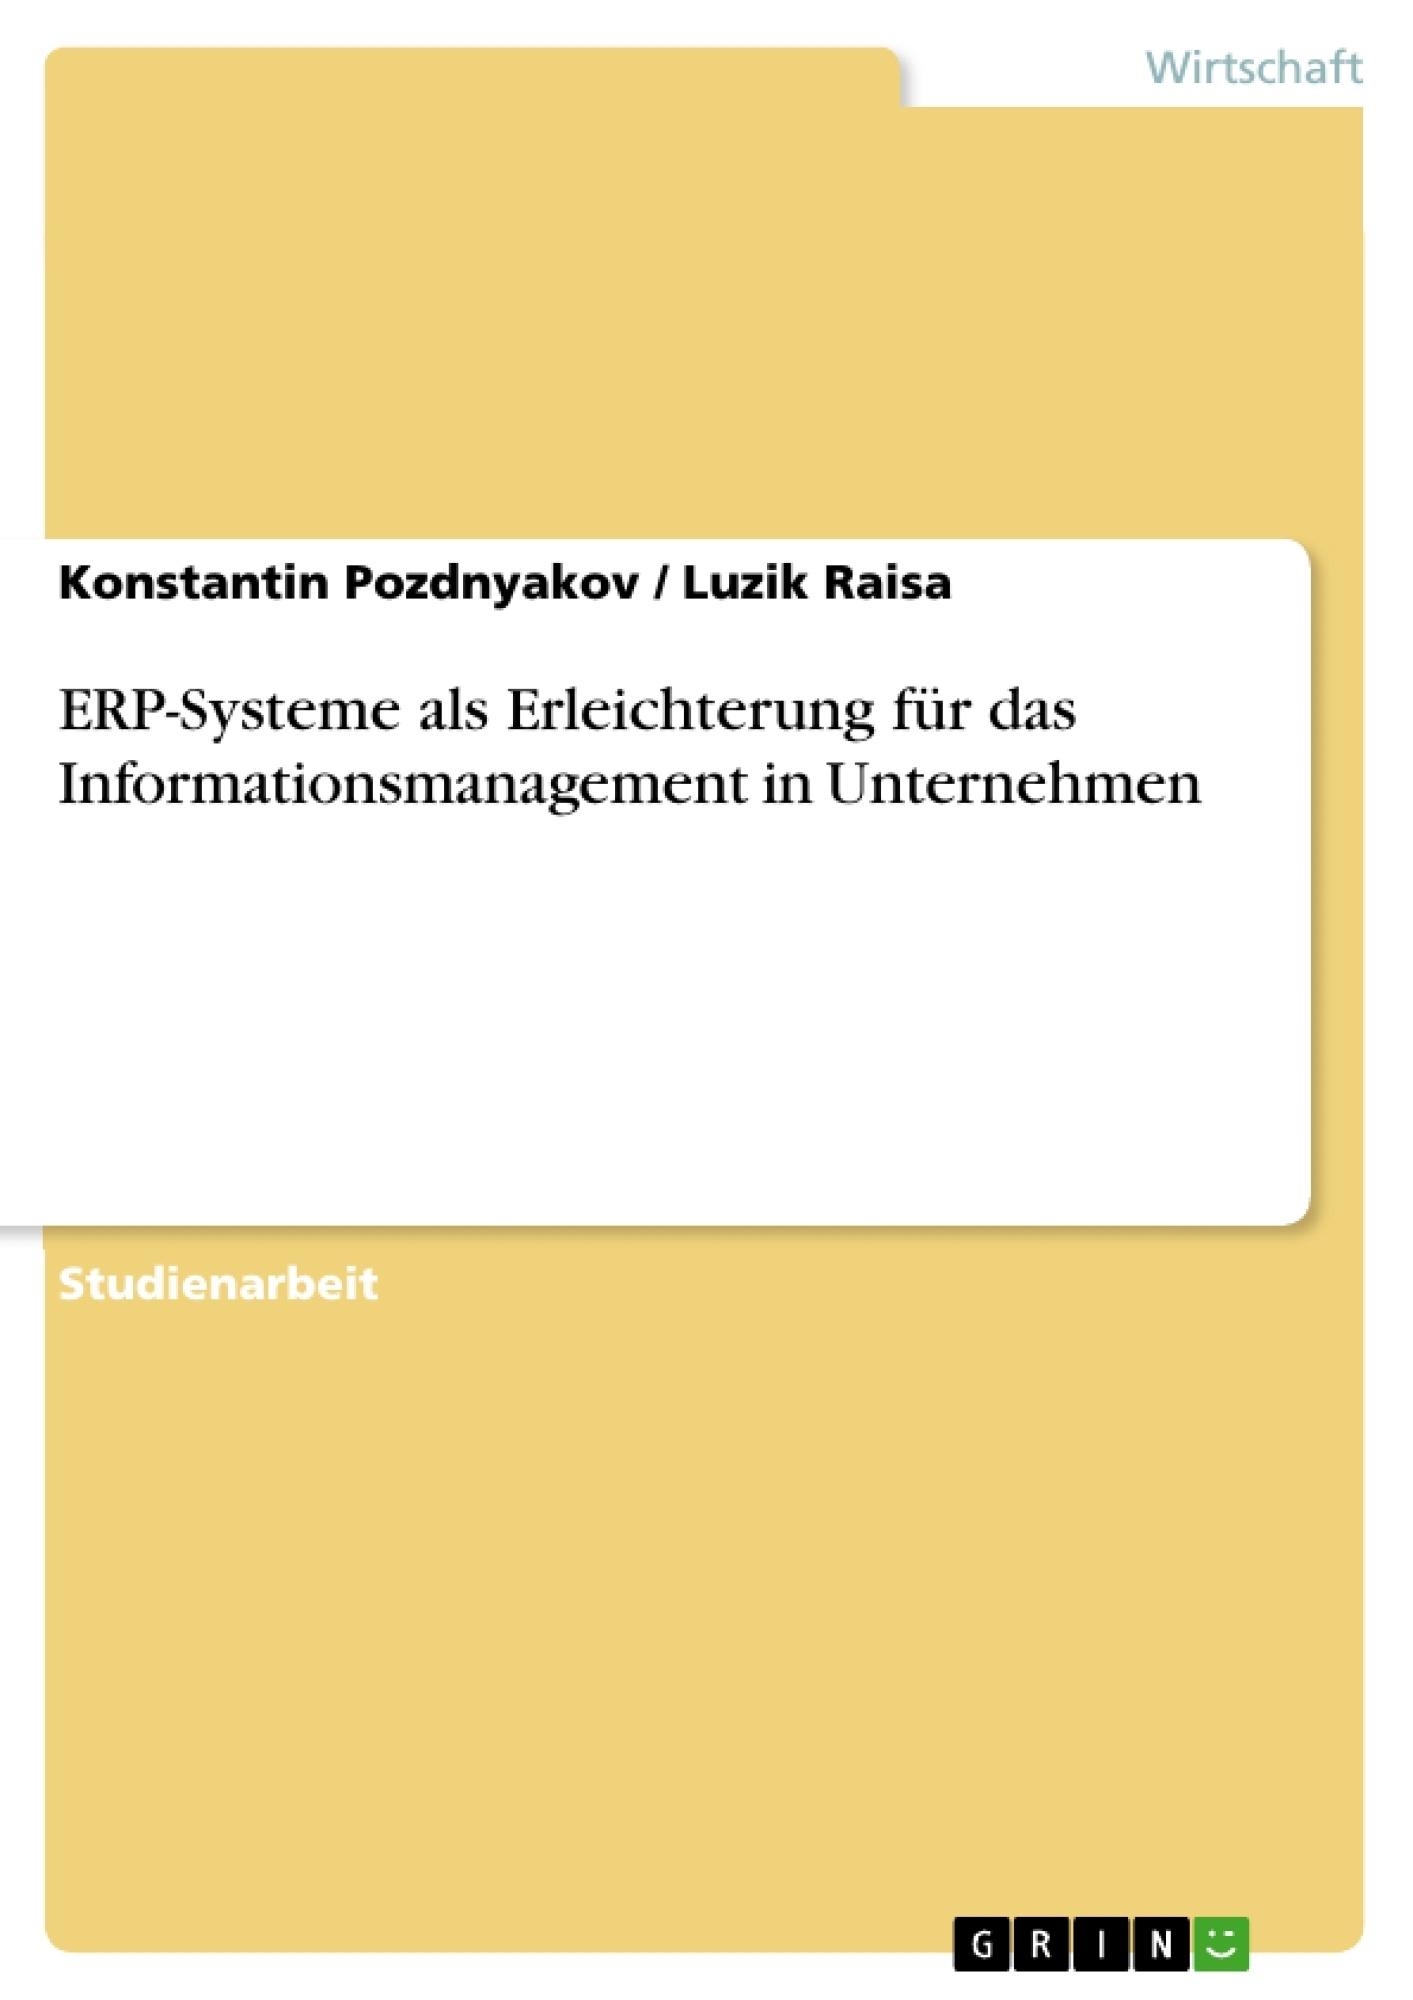 Titel: ERP-Systeme als Erleichterung für das Informationsmanagement in Unternehmen